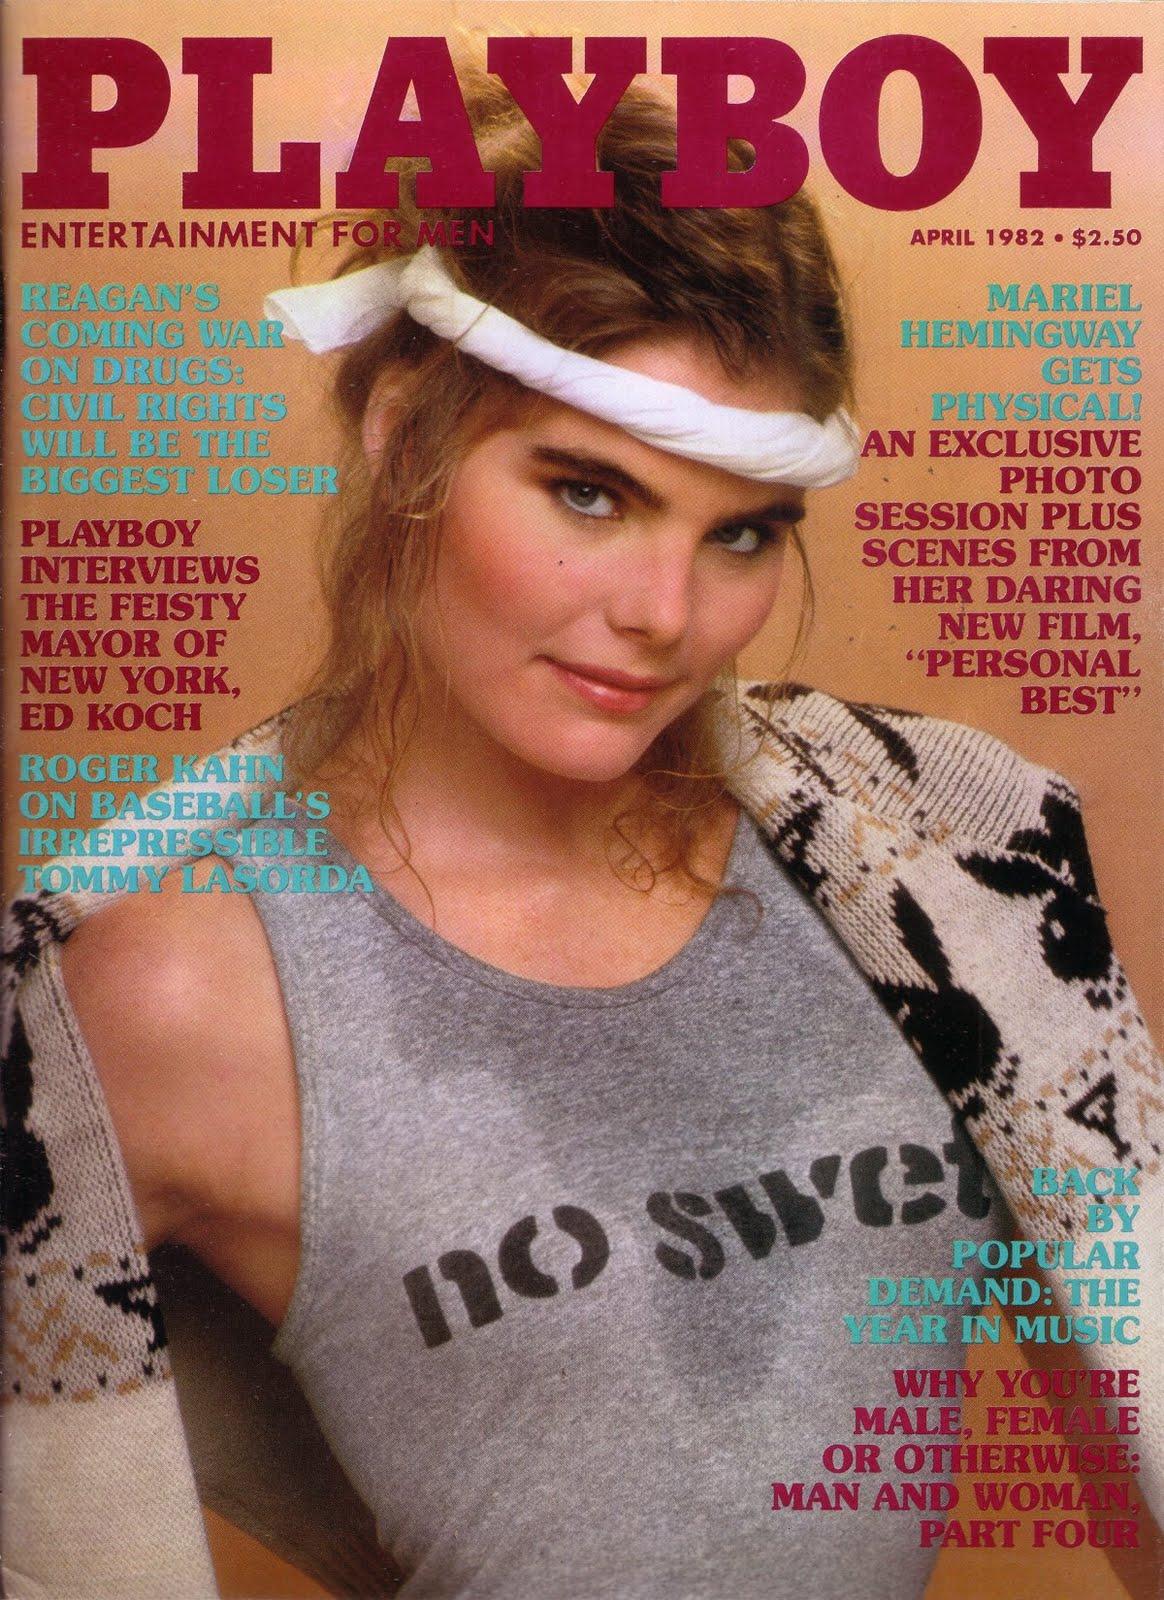 Фото девушки с обложки журнала плейбой 2011 года апрель 7 фотография